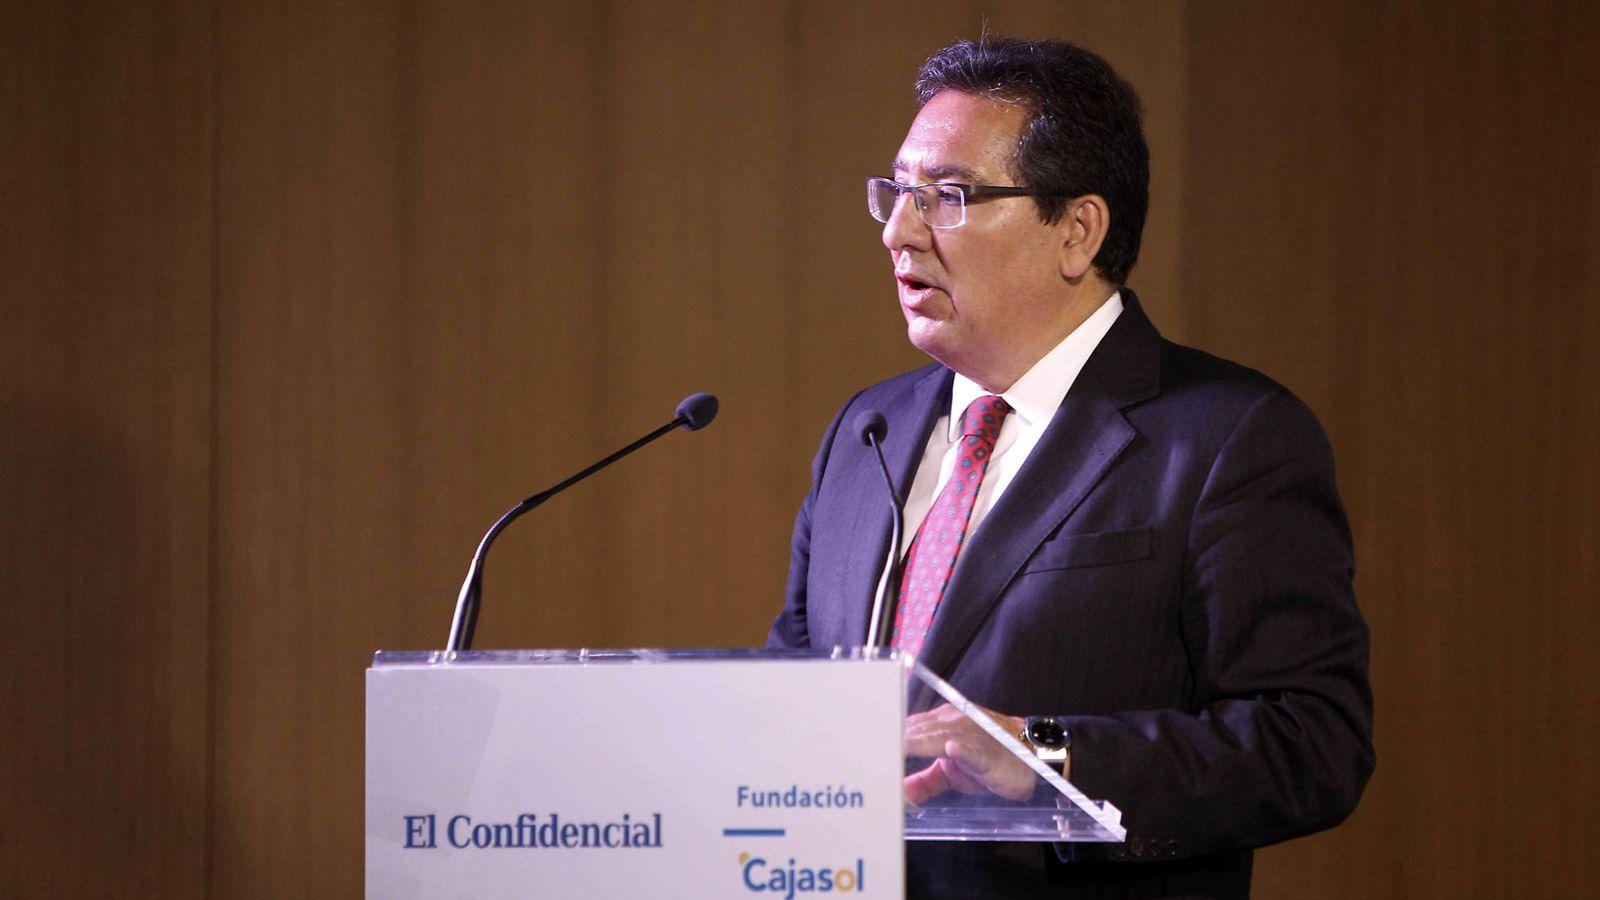 Foto: El presidente de la Fundación Cajasol, Antonio Pulido. (Foto: Fernando Ruso)